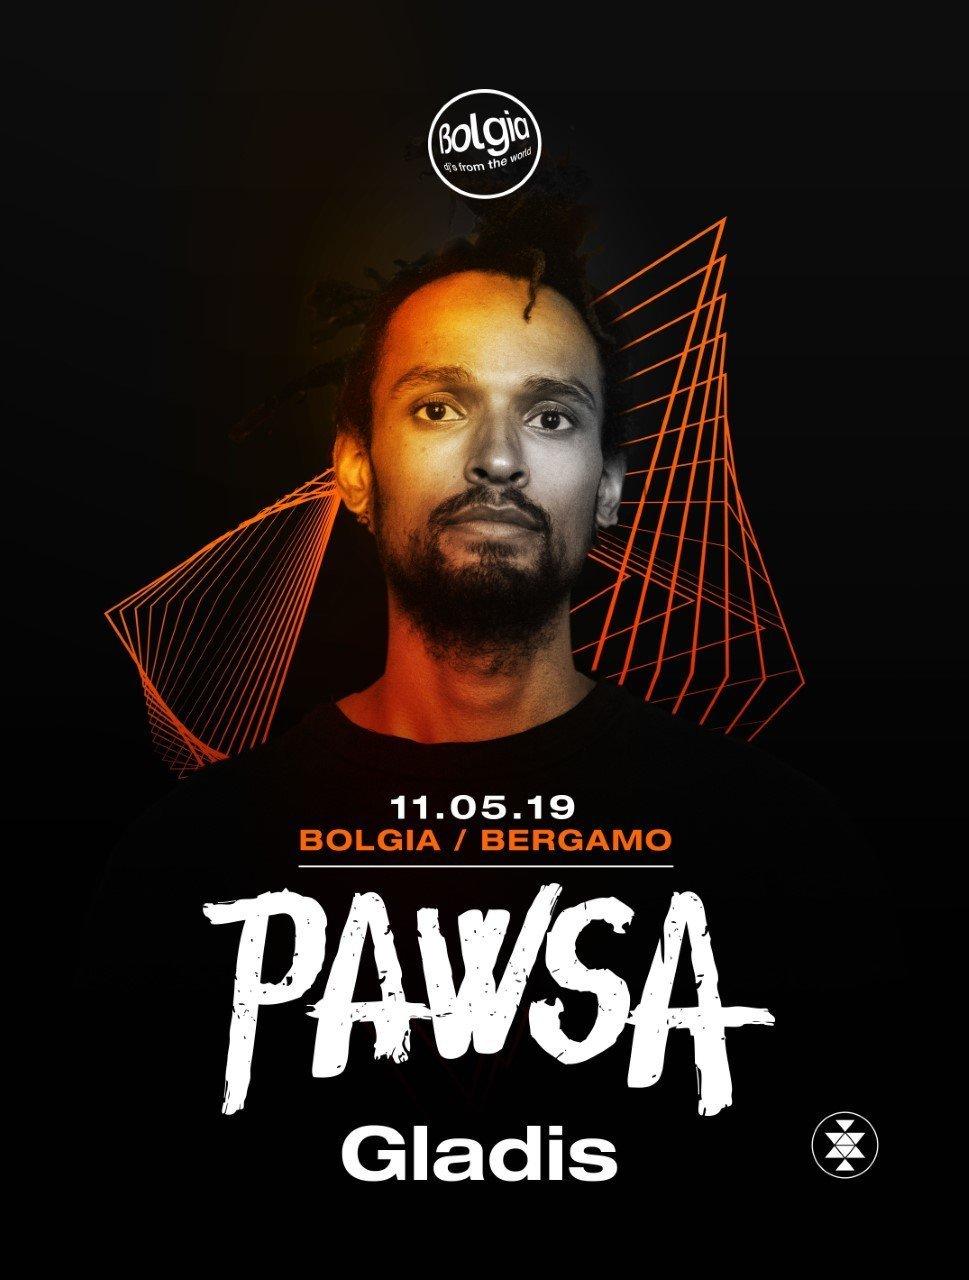 Pawsa+Gladis @ Bolgia